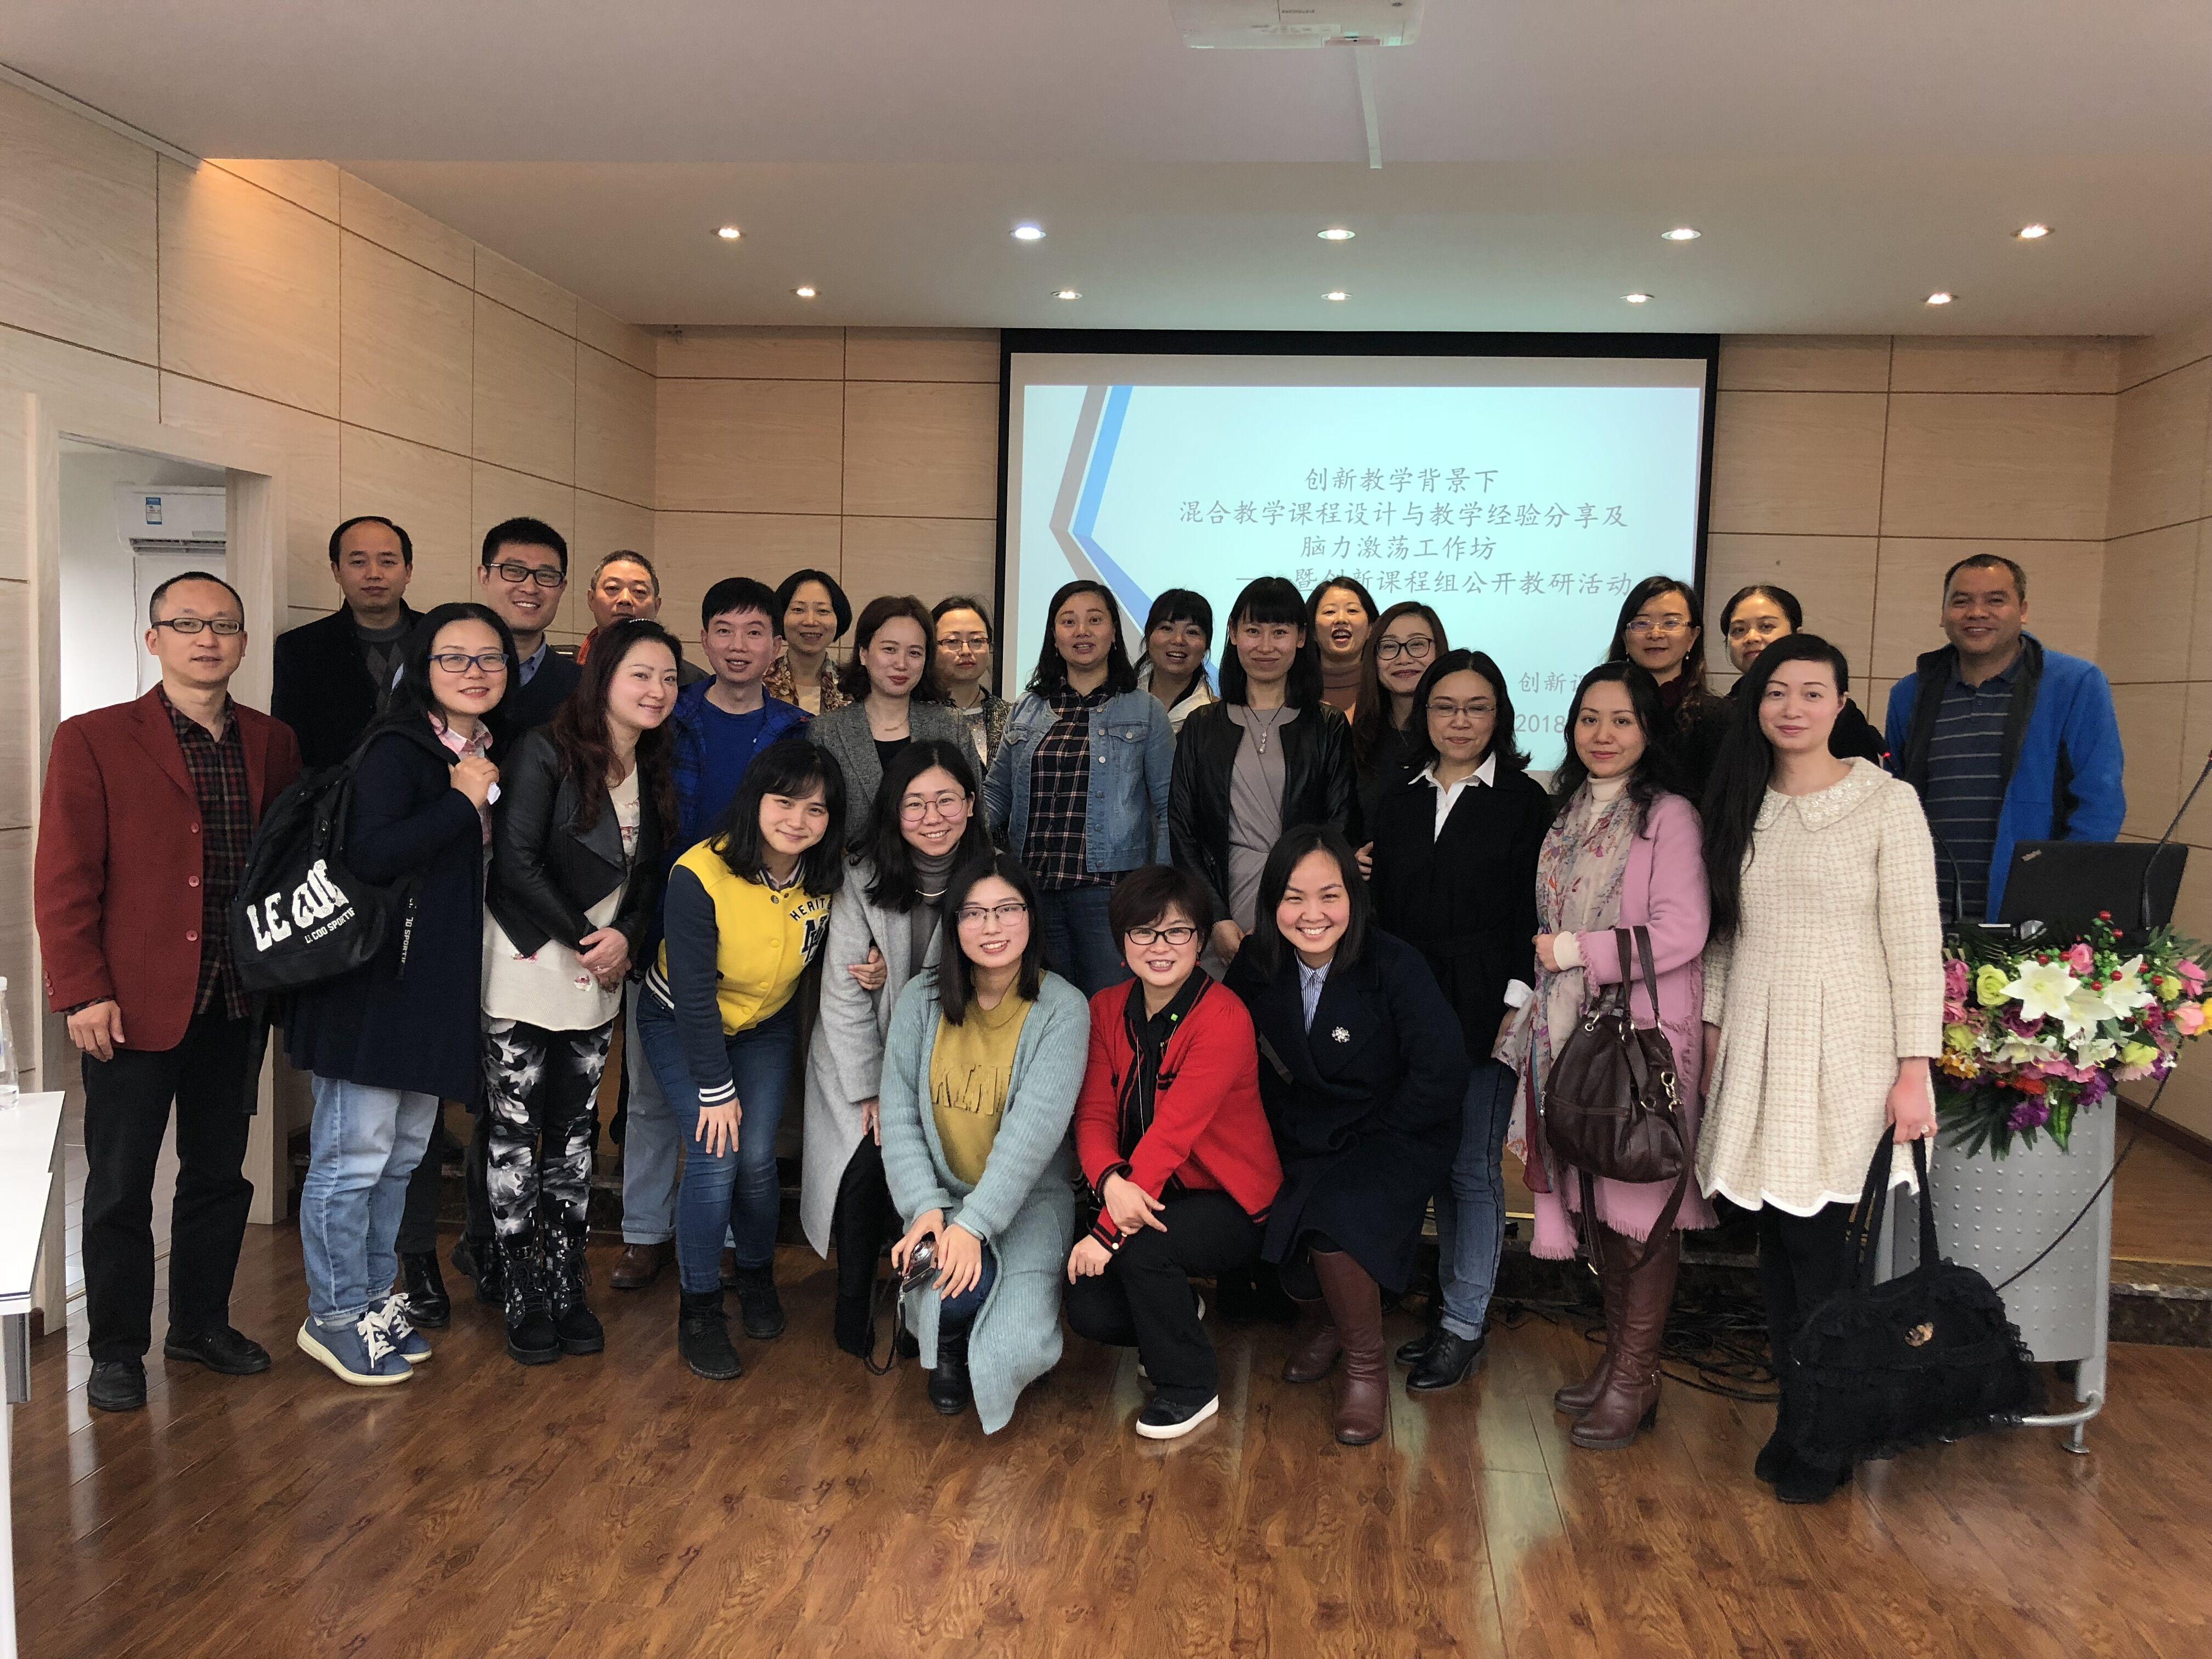 大学外语创新课程组混合式教学经验分享与脑力激荡工作坊图片